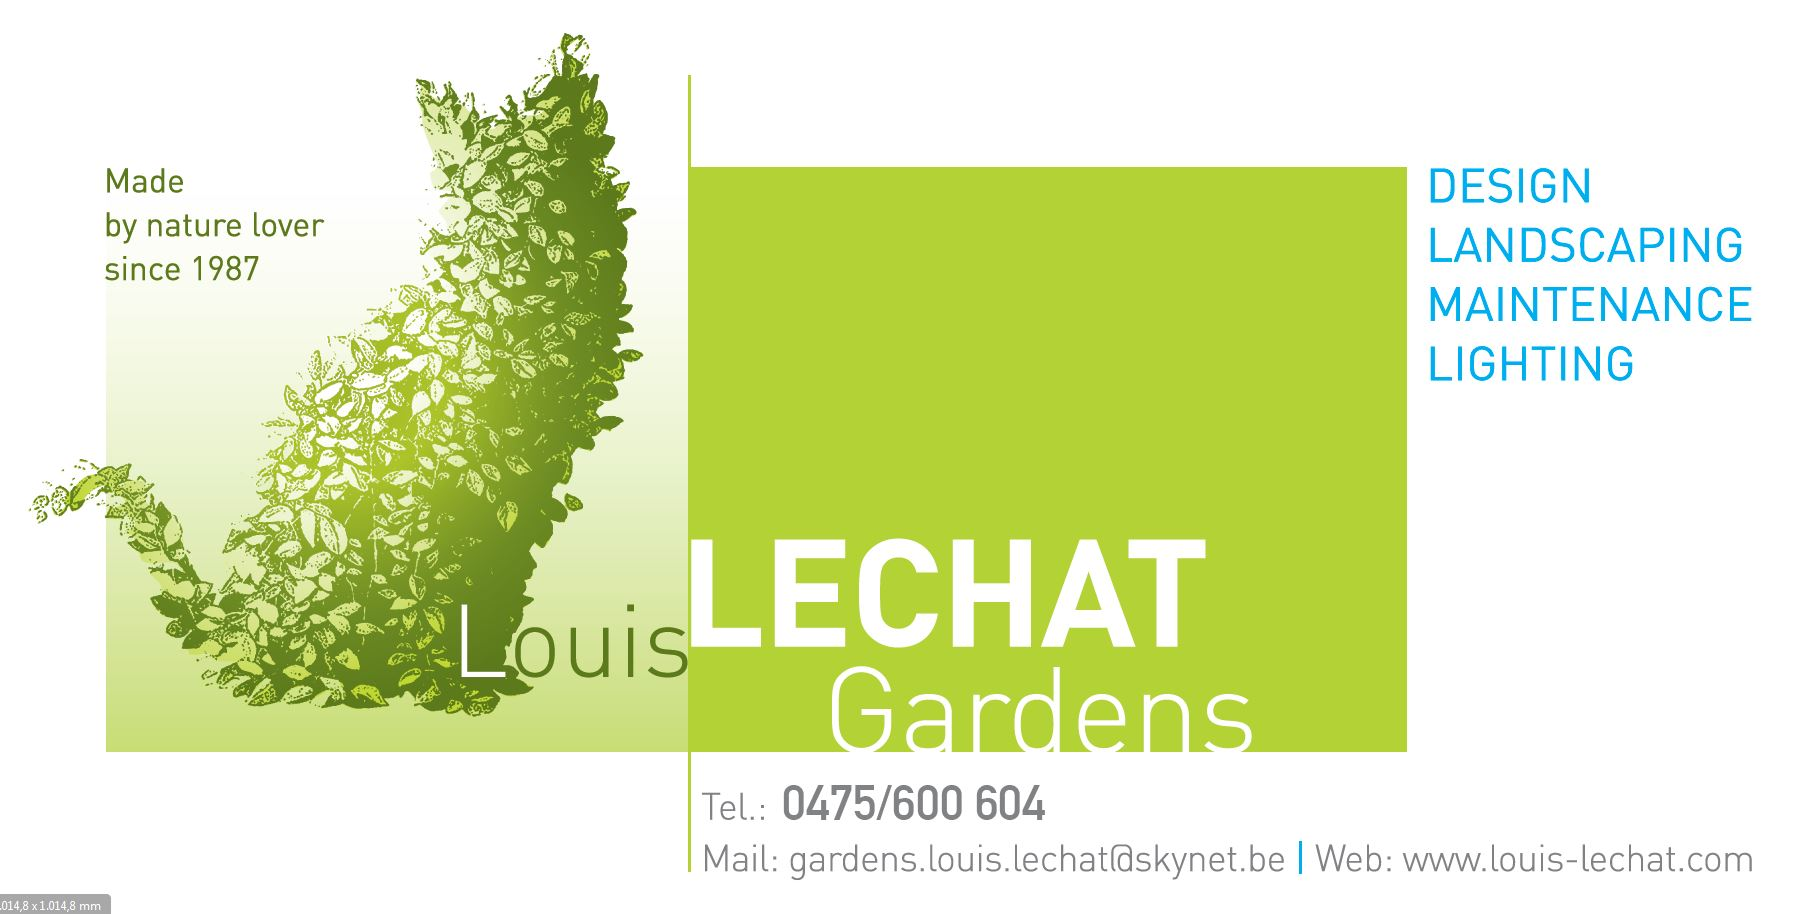 Louis Lechat Gardens